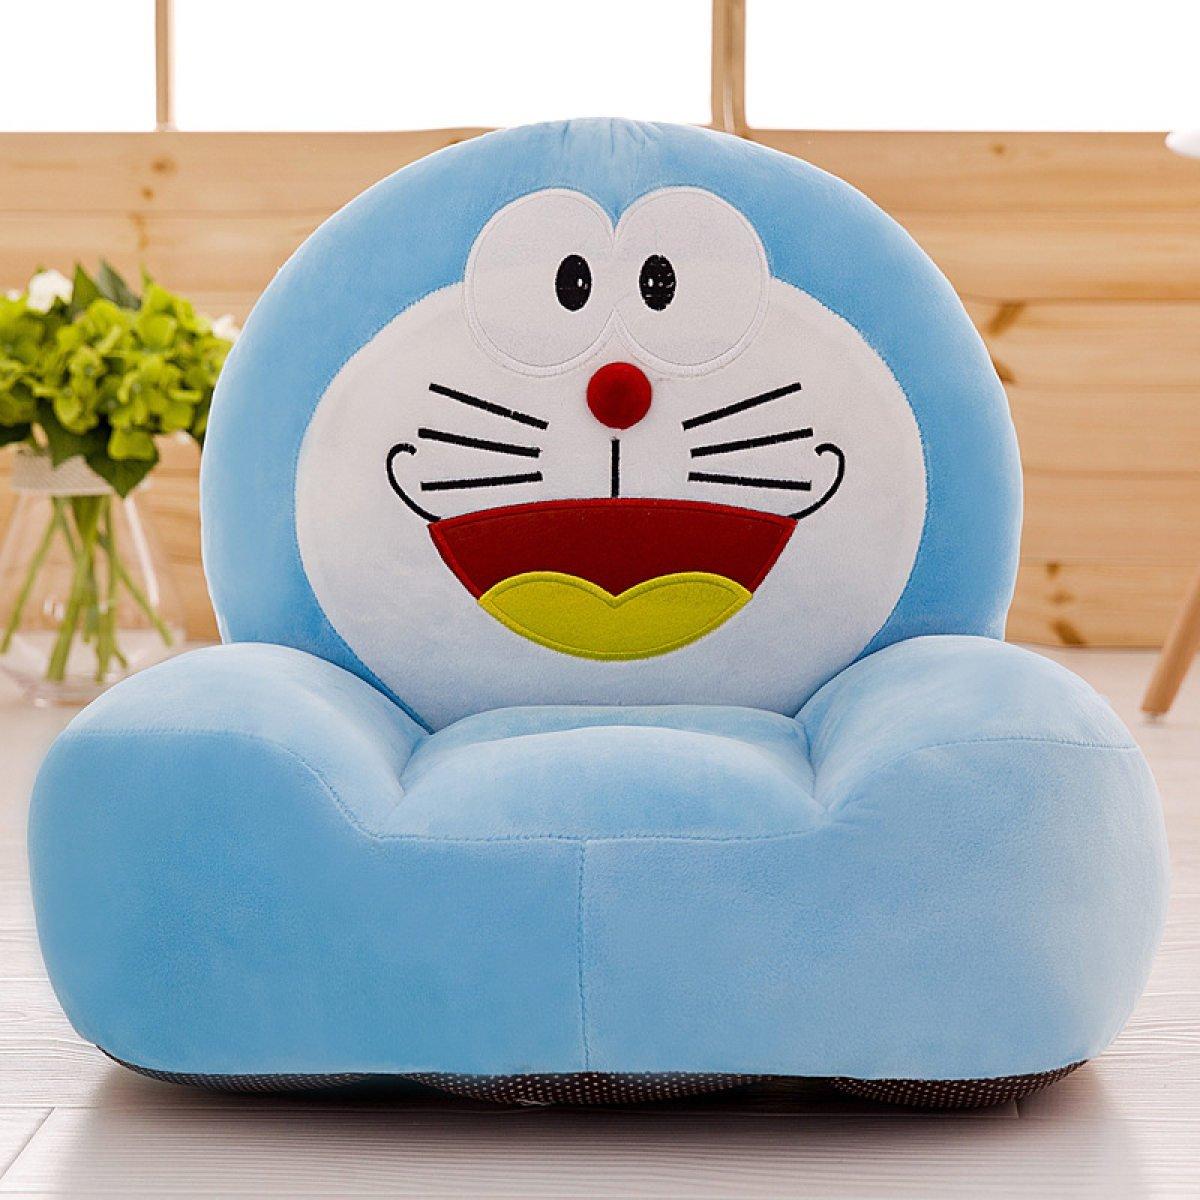 FLY Kinder Sofa Sitze Baby Cartoon Lazy Hocker Plüschtiere Kindergarten Supplies,60cmAdultModels-3 B075VRZ2L6 Plüschtiere Elegantes und robustes Menü | Bekannt für seine schöne Qualität